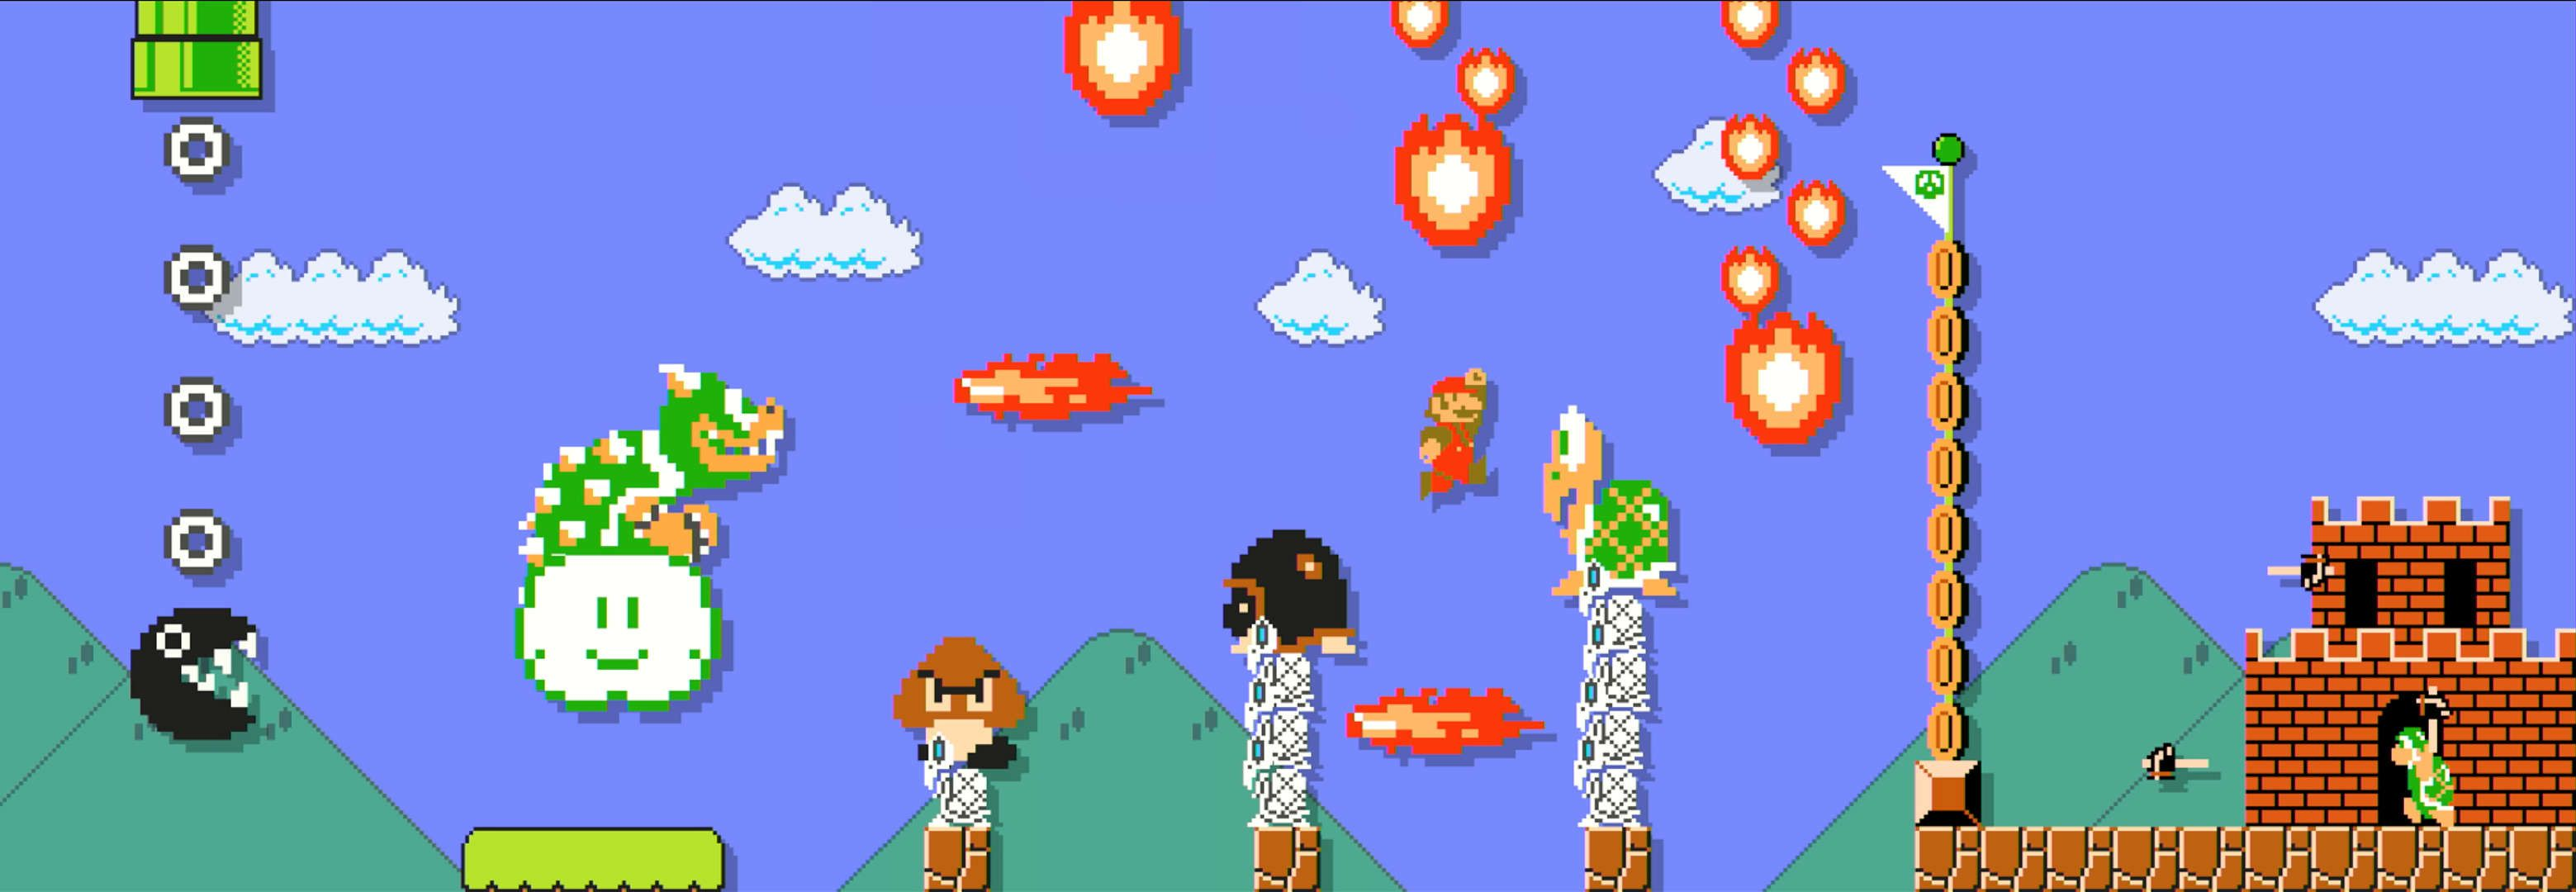 Your Super Mario Maker level has no chill / Offworld